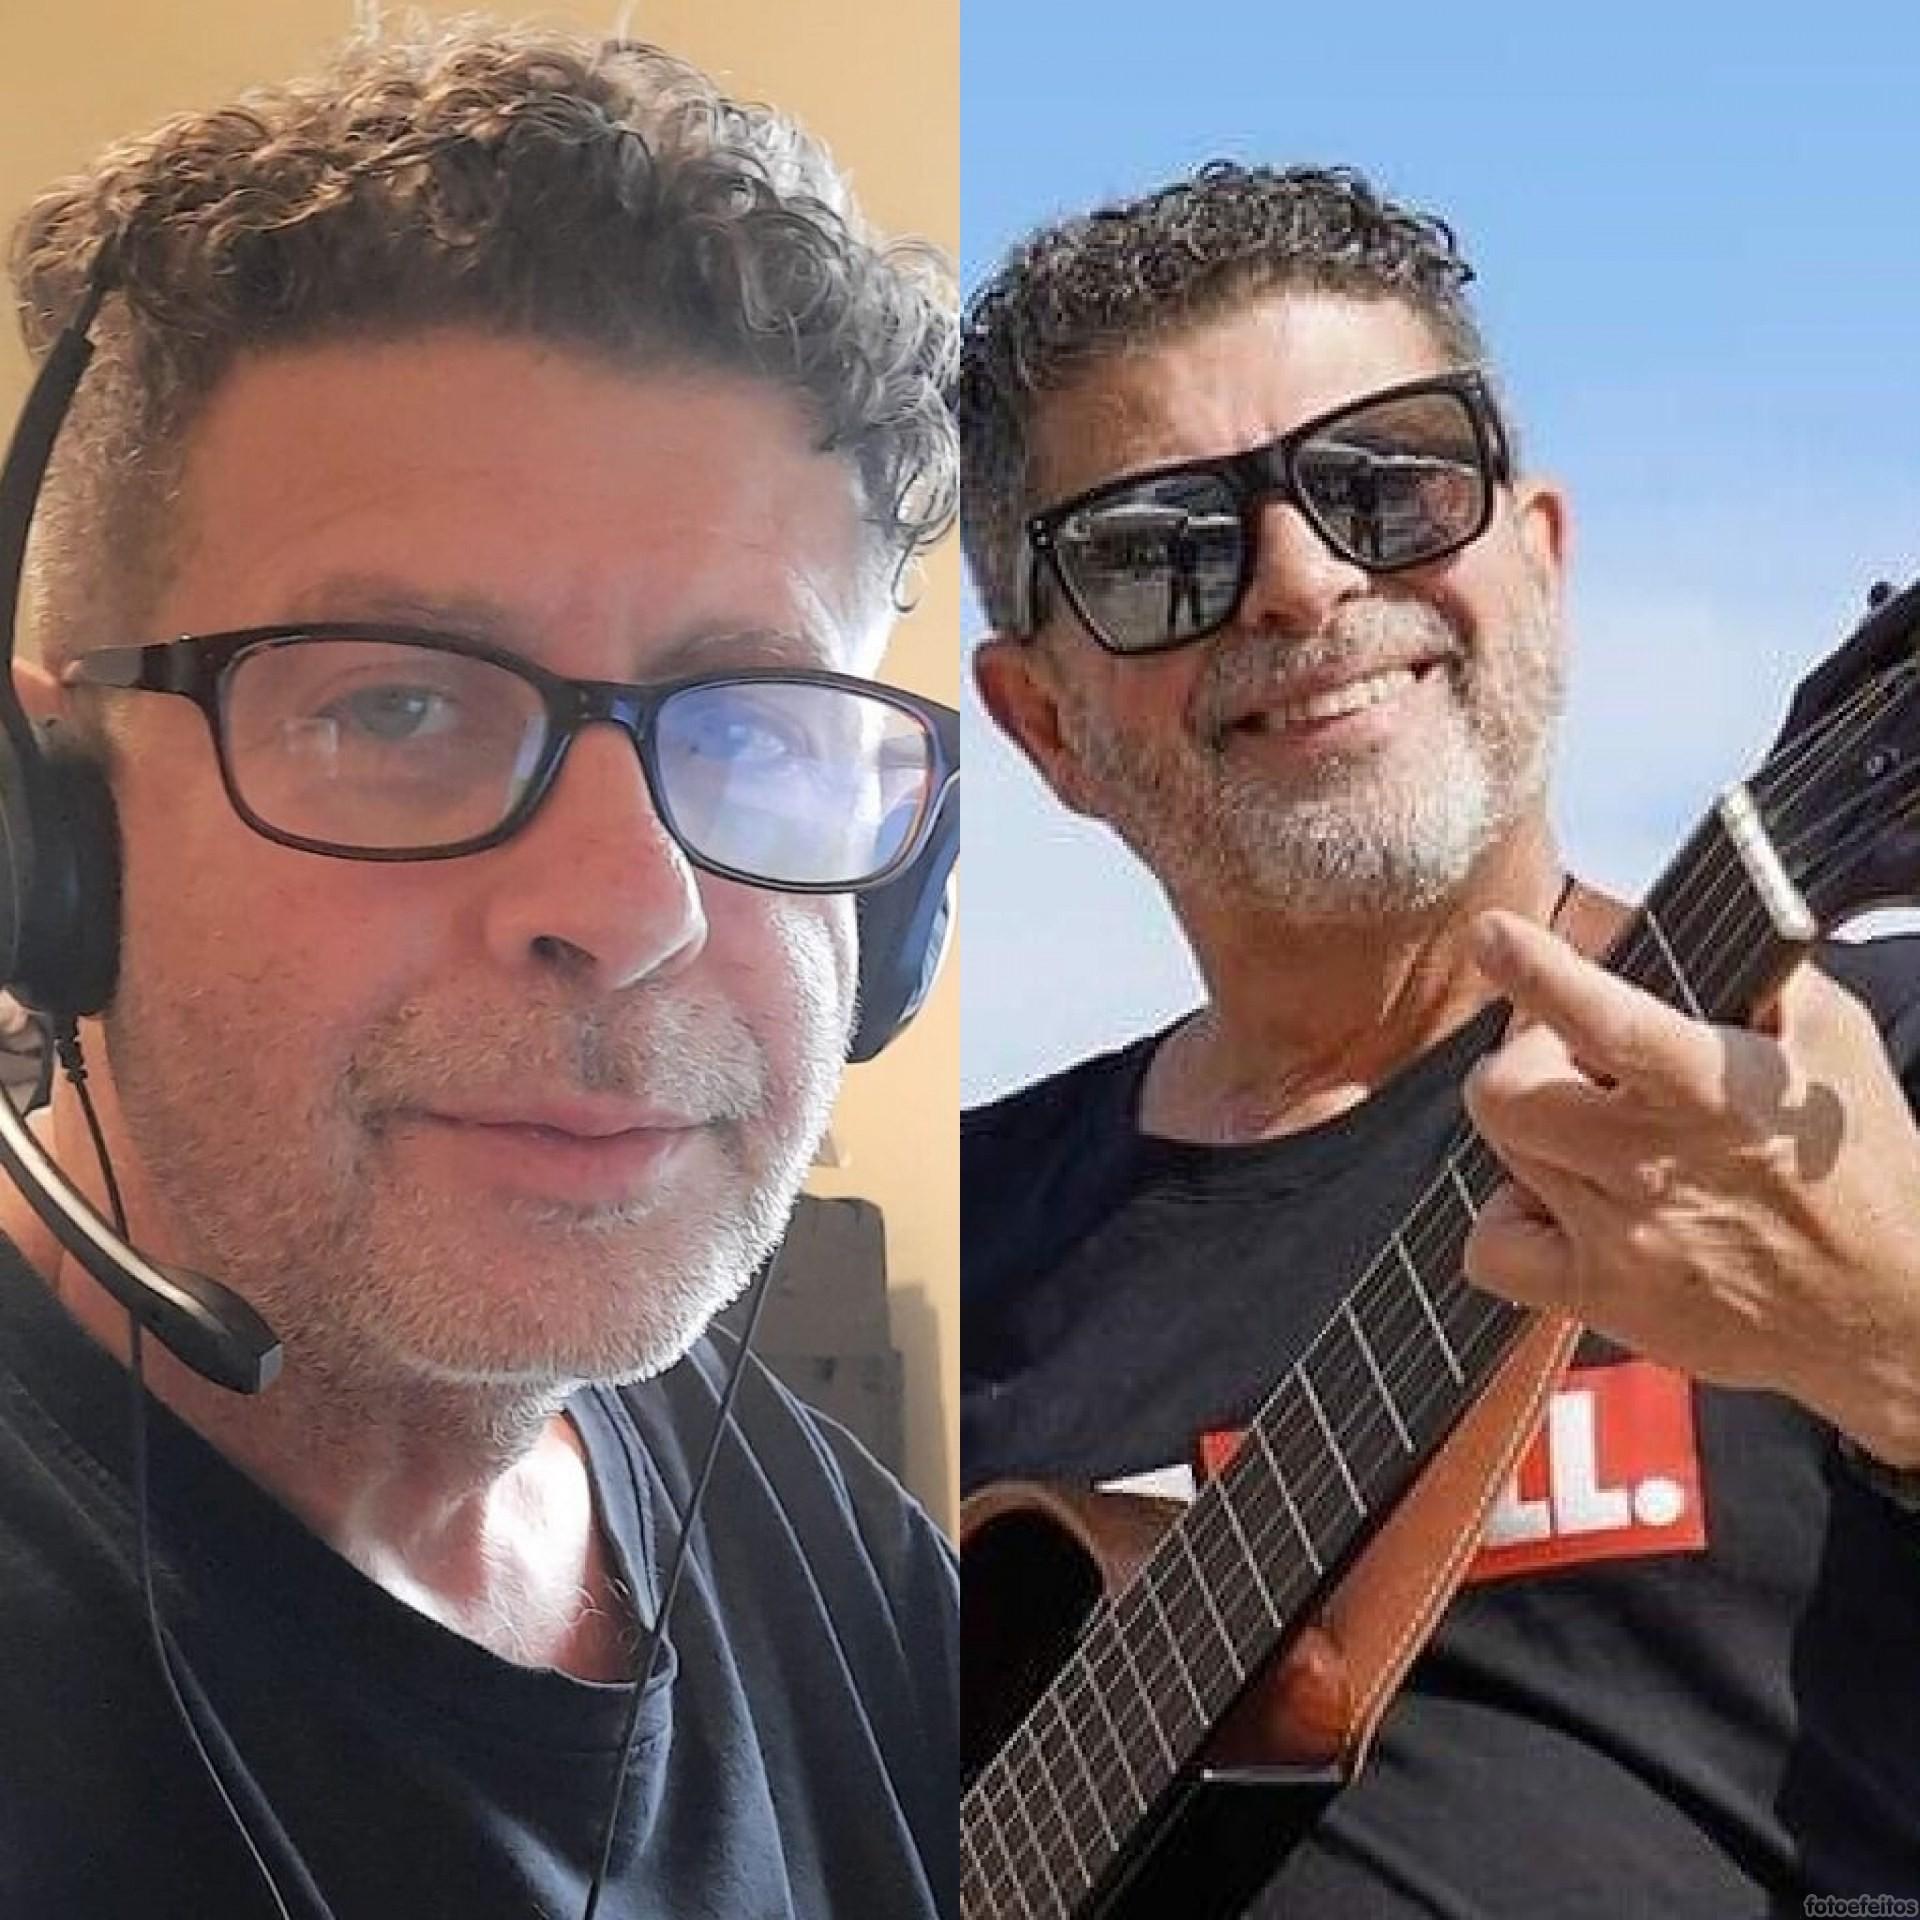 Lúcio Duval trabalha atendendo chamadas de dia e toca no fim de tarde no Porto